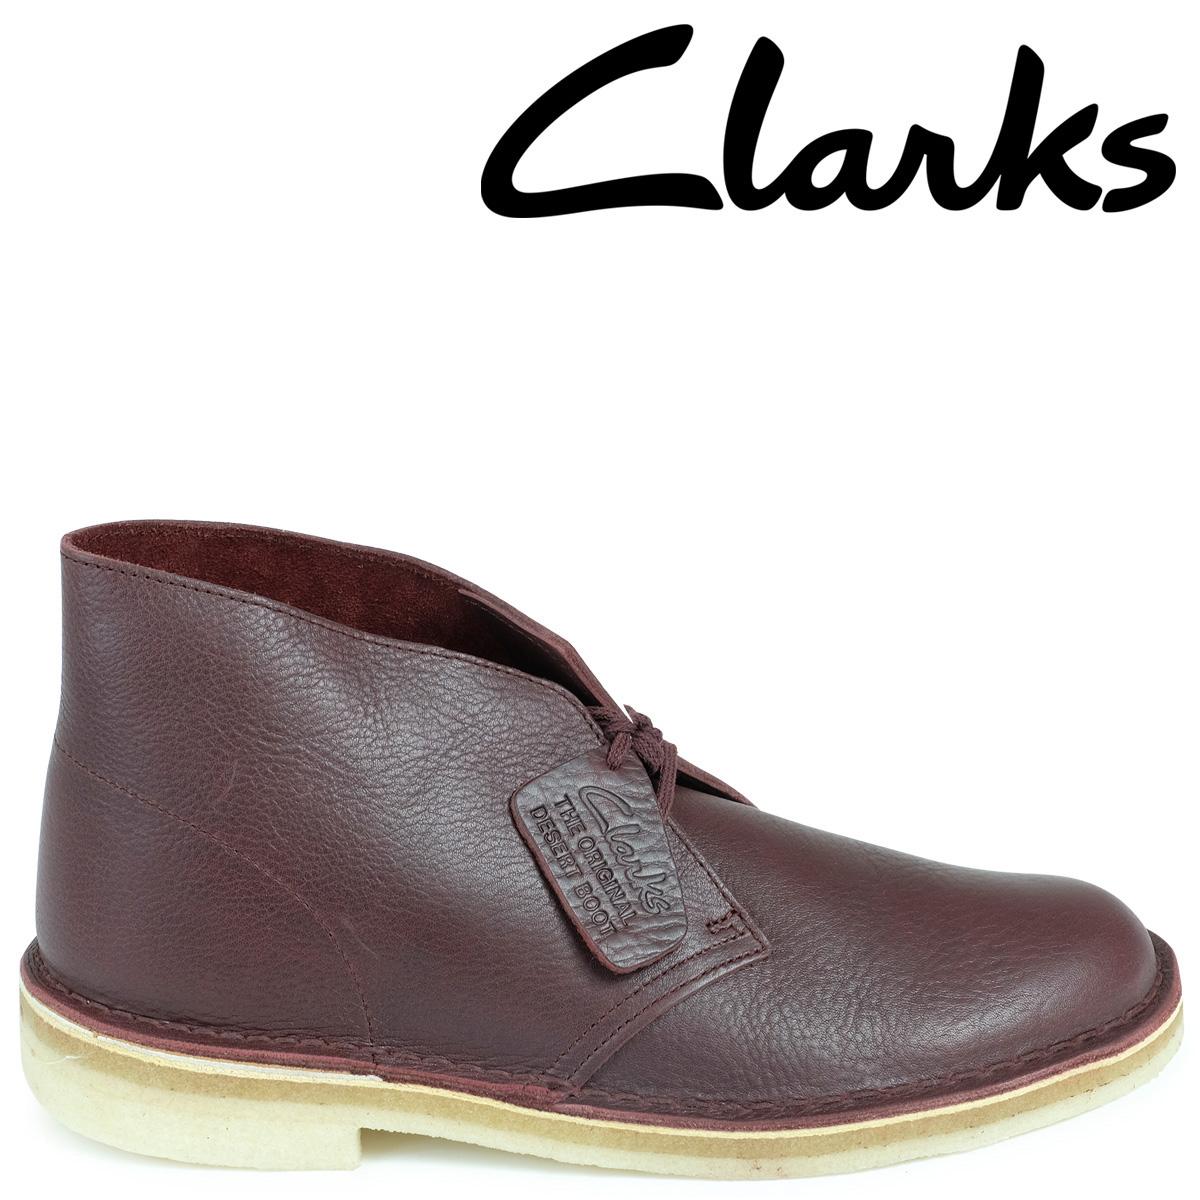 Clarks デザートブーツ メンズ クラークス DESERT BOOT 26125547 レザー 靴 バーガンディー